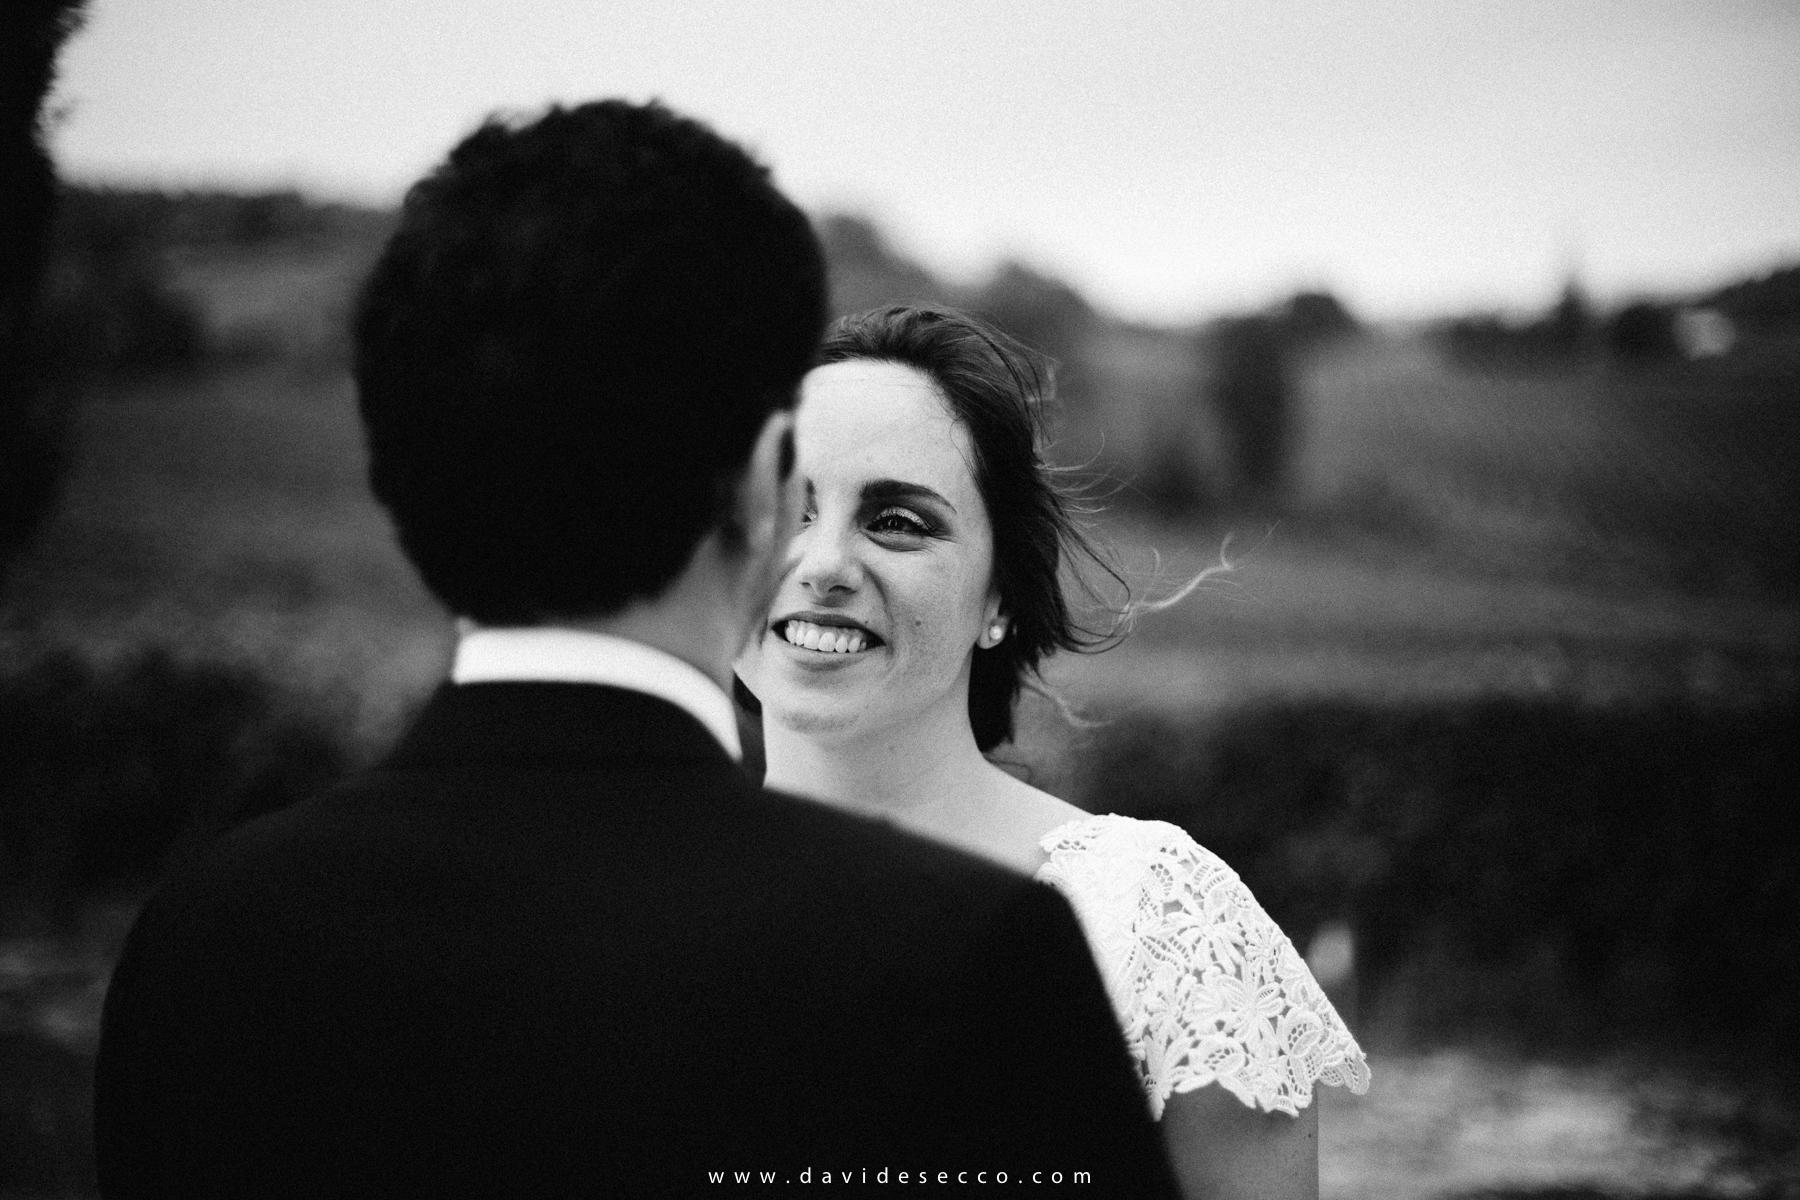 Durante questo matrimonio ci ha sorpreso un temporale che cambiato i nostri piani! Te ne parlo meglio più sotto!